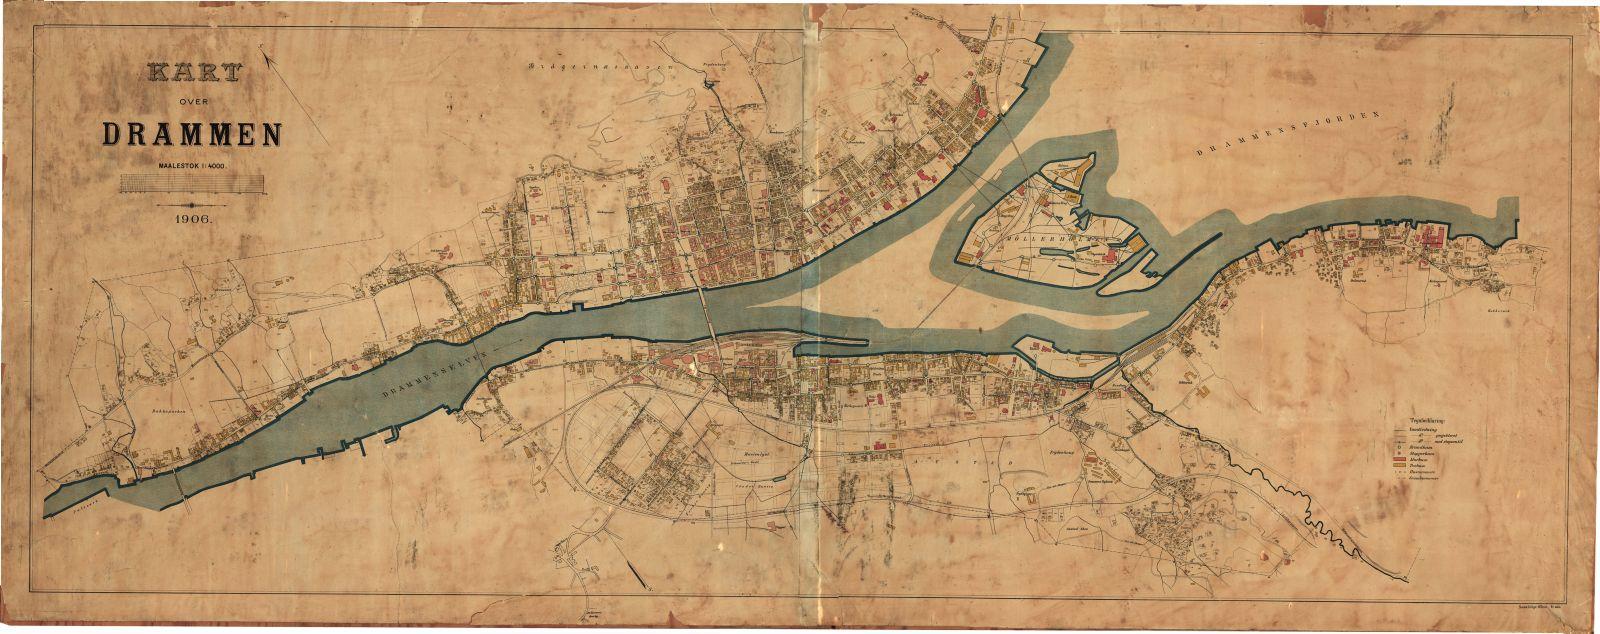 gangveier oslo kart Kart over Drammen, 1906   Historiske Drammen (Historical Drammen  gangveier oslo kart